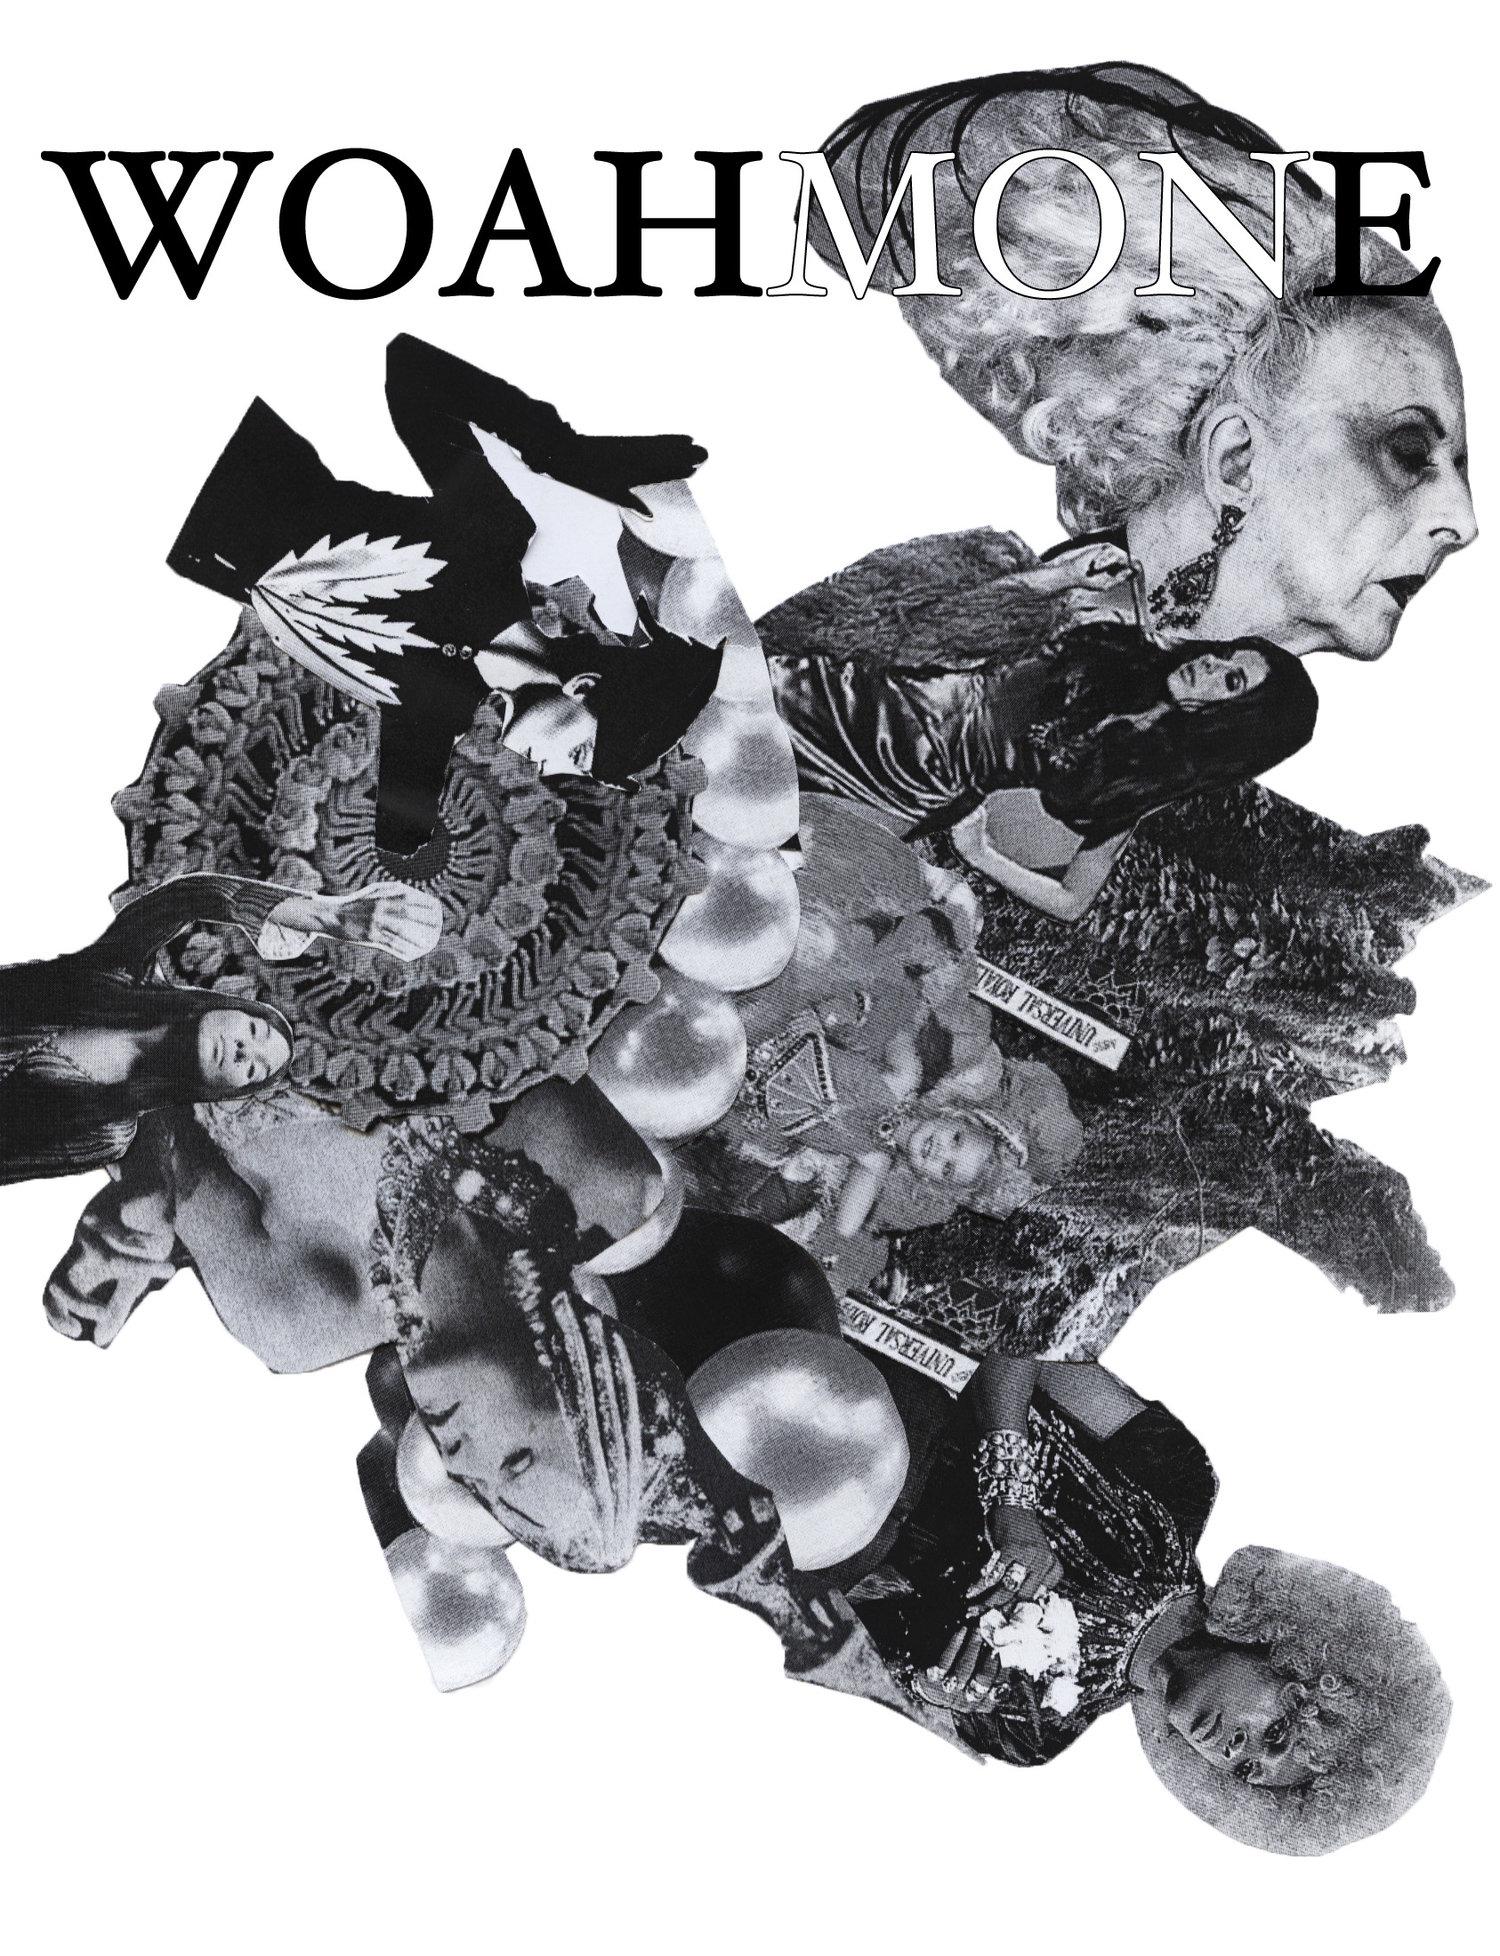 WOAHMONE-2-SAVANNAH-KNOOP.jpg